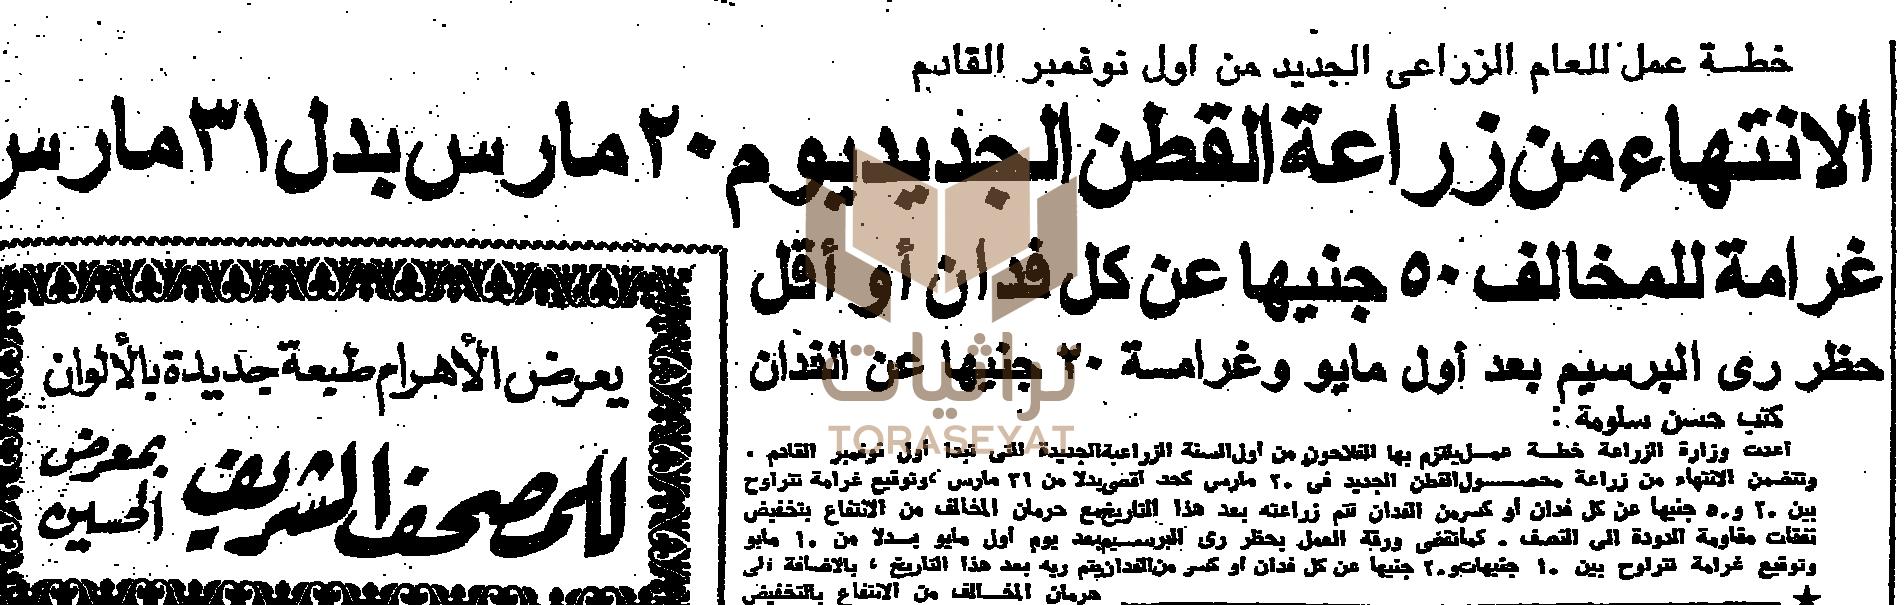 من الأخبار الاقتصادية يوم 6 أكتوبر 73